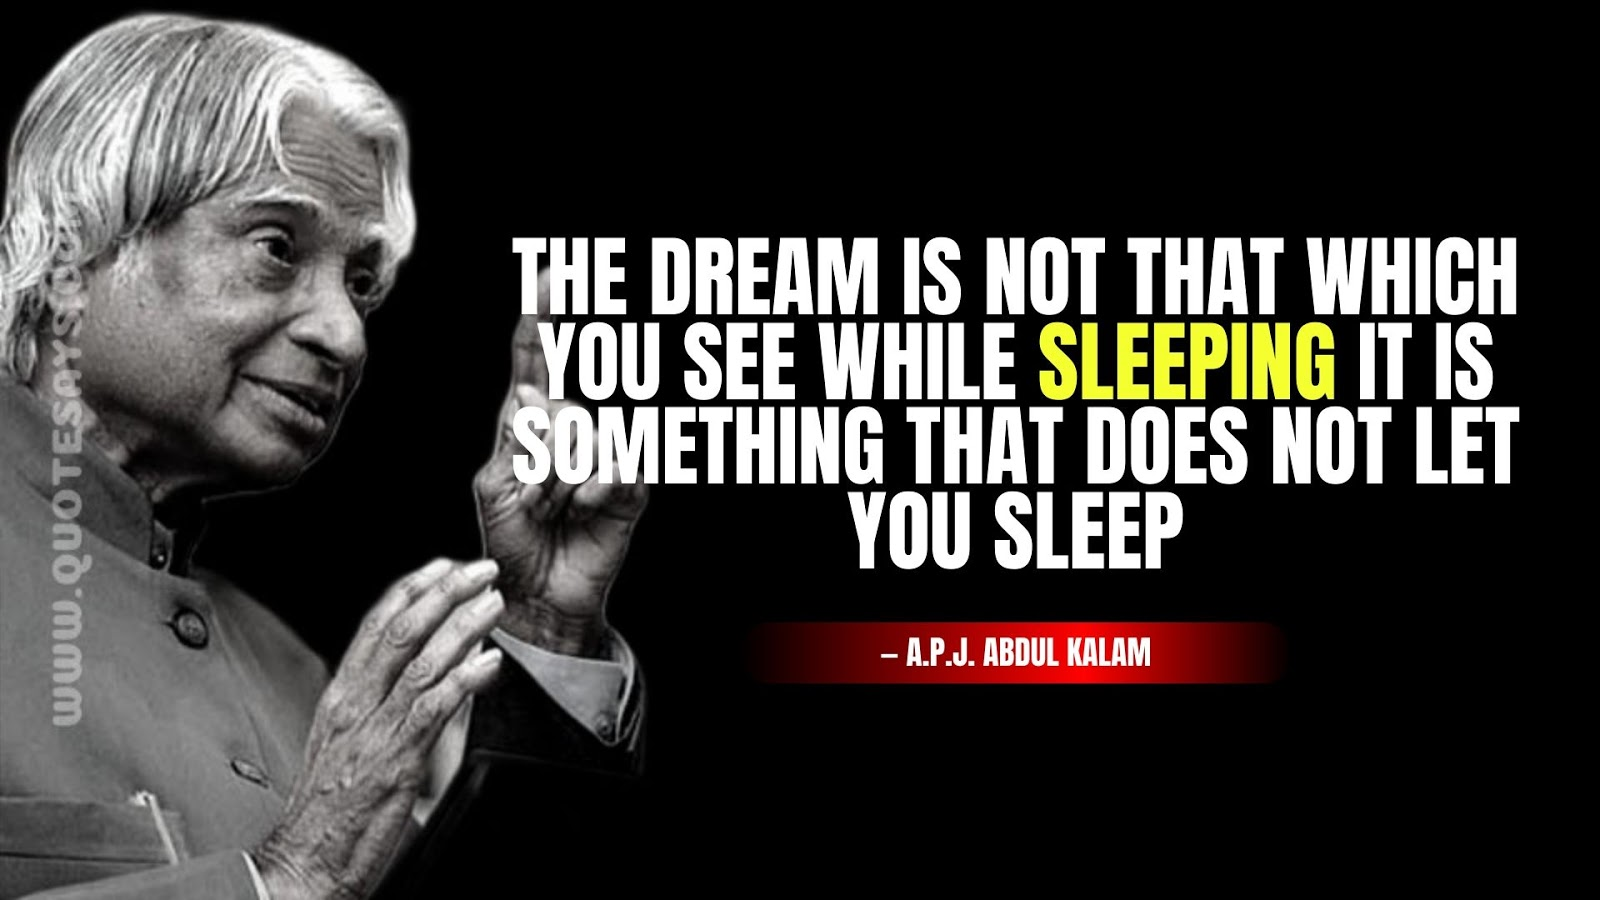 Apj Abdul Kalam Quote of Dreaming, Apj Abdul Kalam Quotes